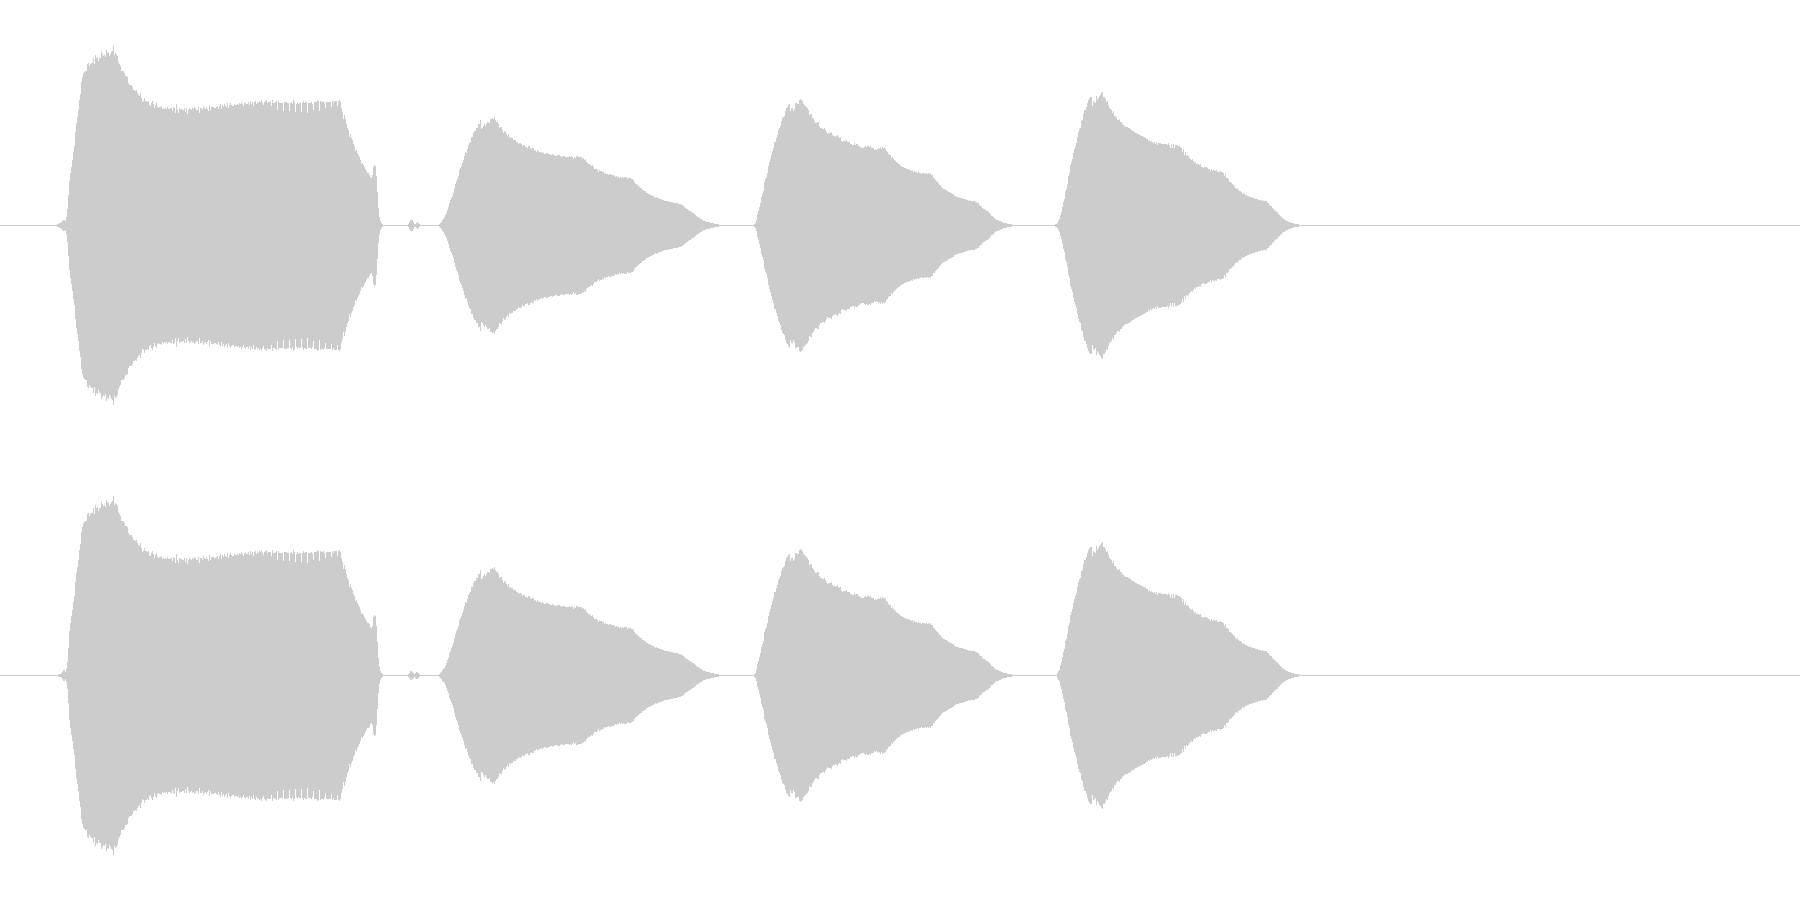 小鳥の明るい鳴き声(短い)の未再生の波形